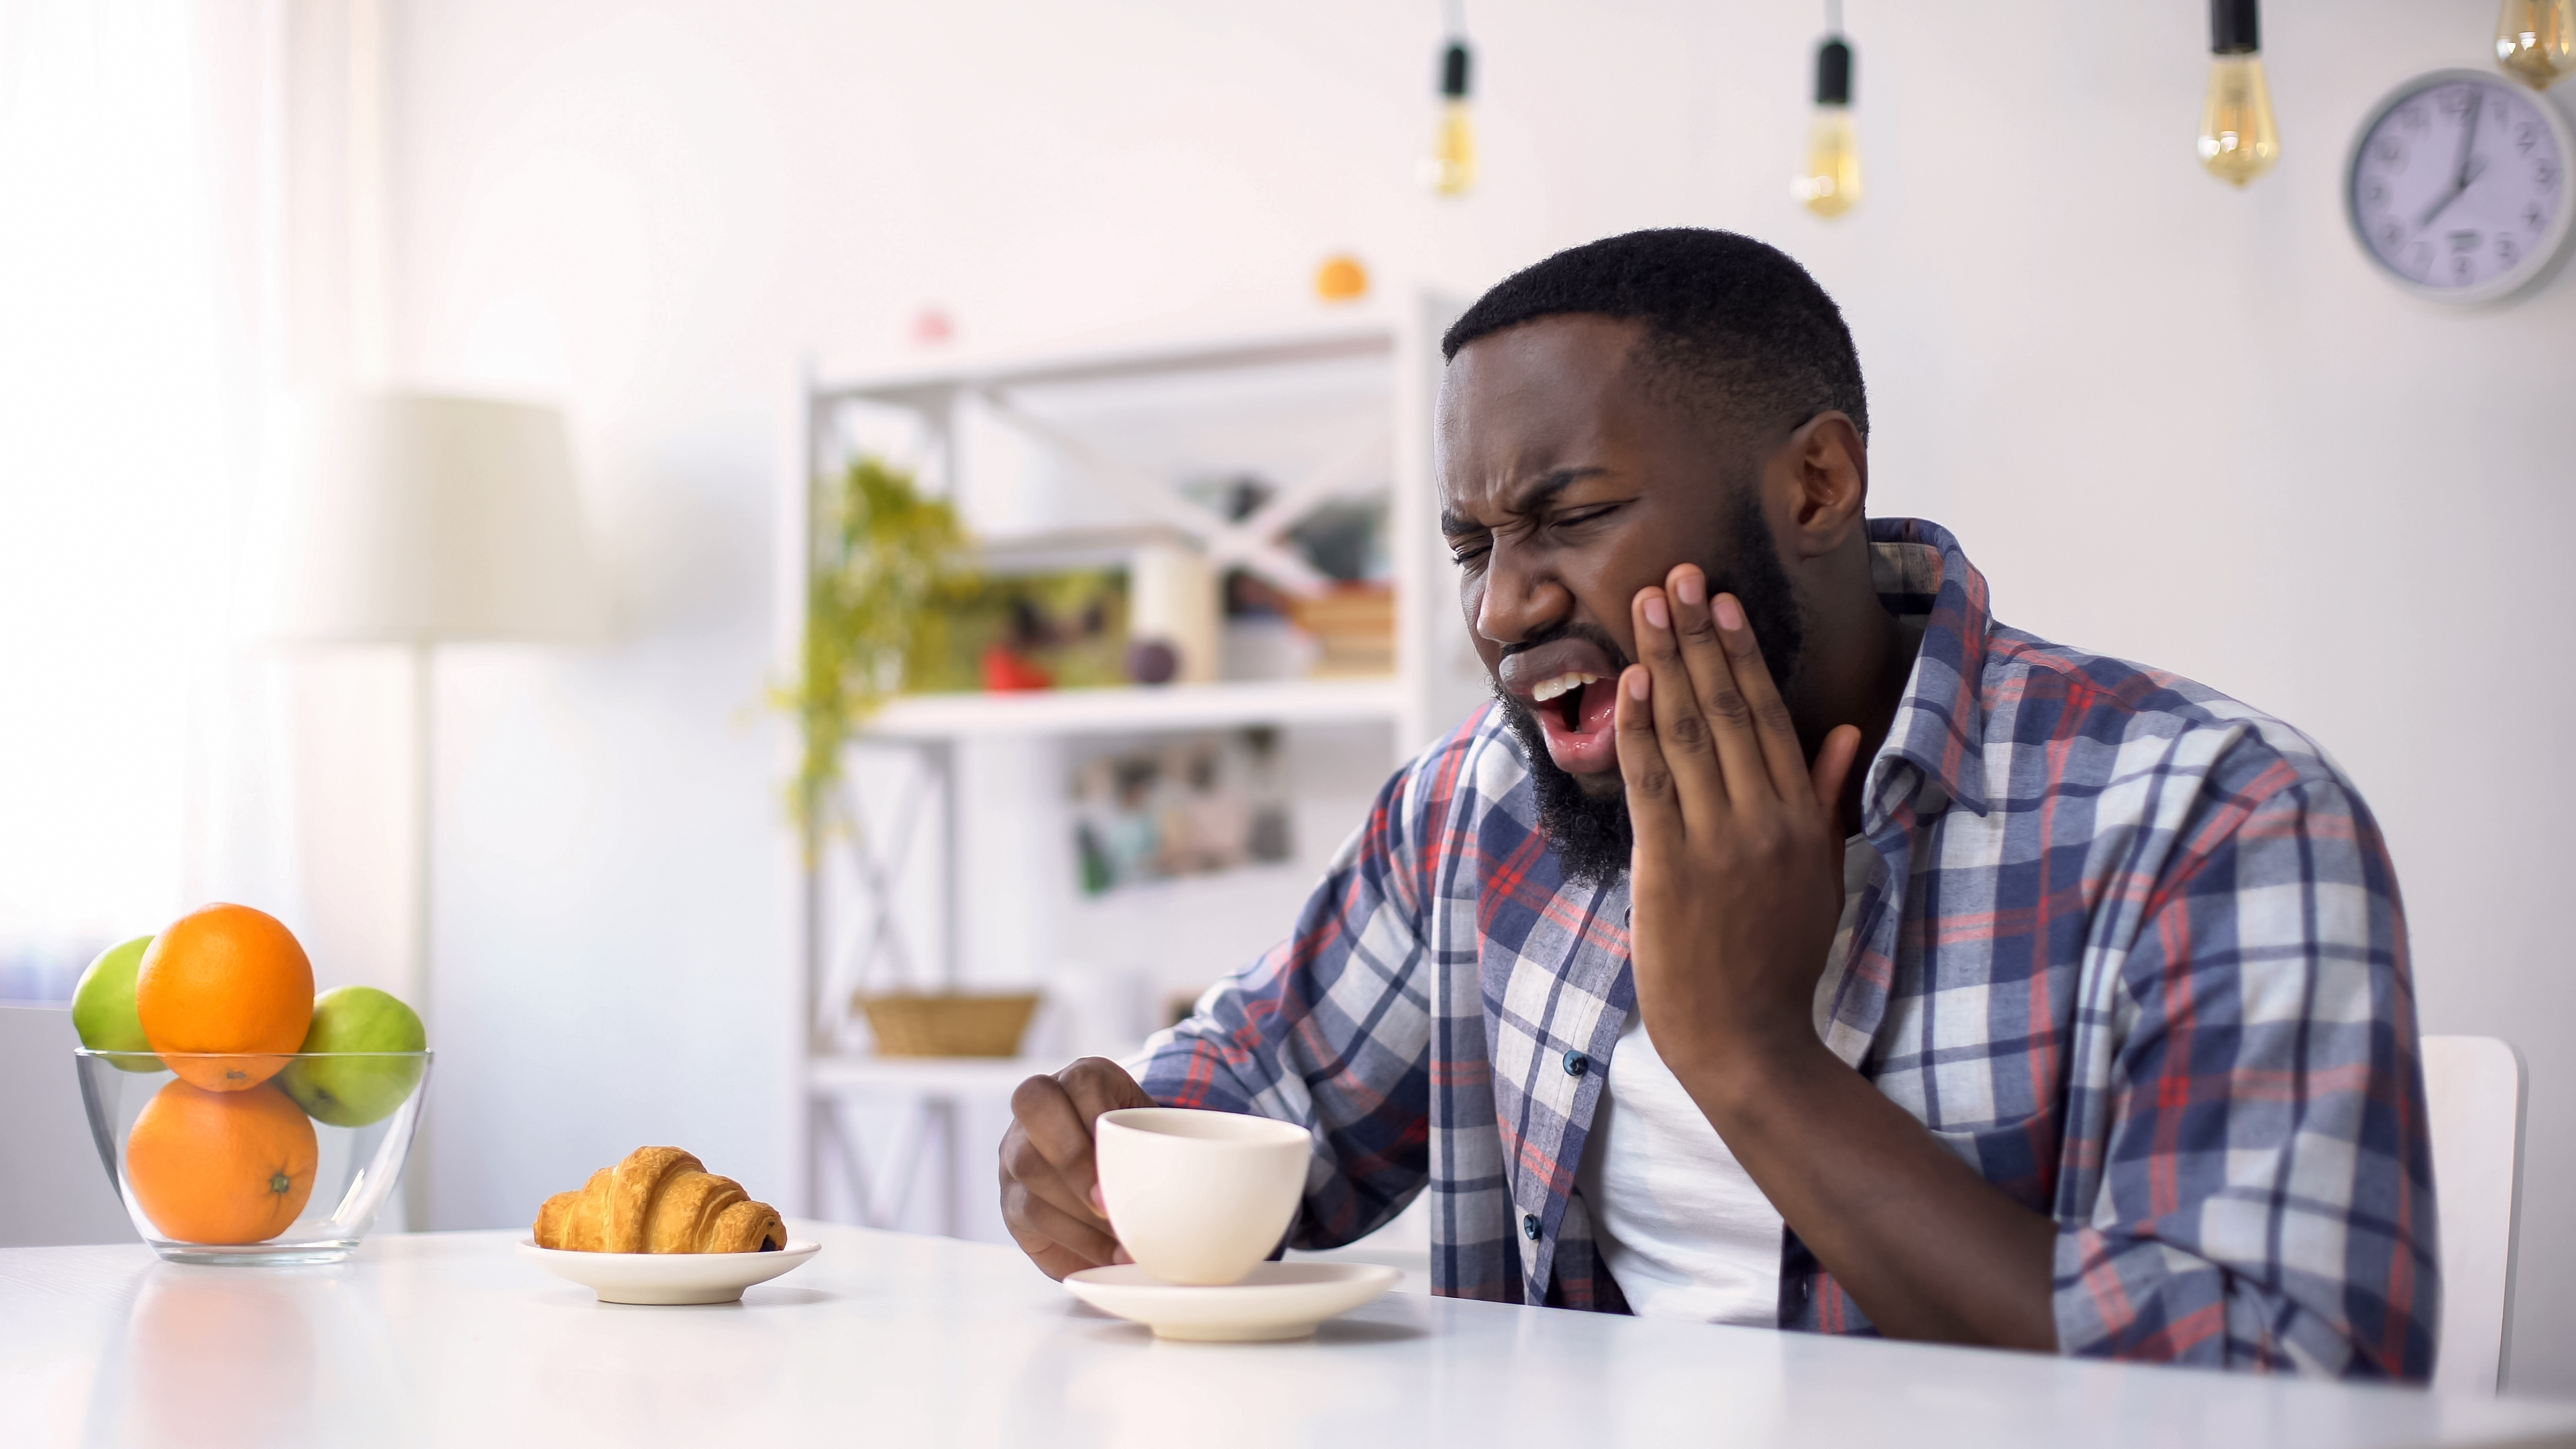 Ilningar och isningar i tänderna kan uppstå när du äter eller drickor och den bakomliggande orsaken kan variera.